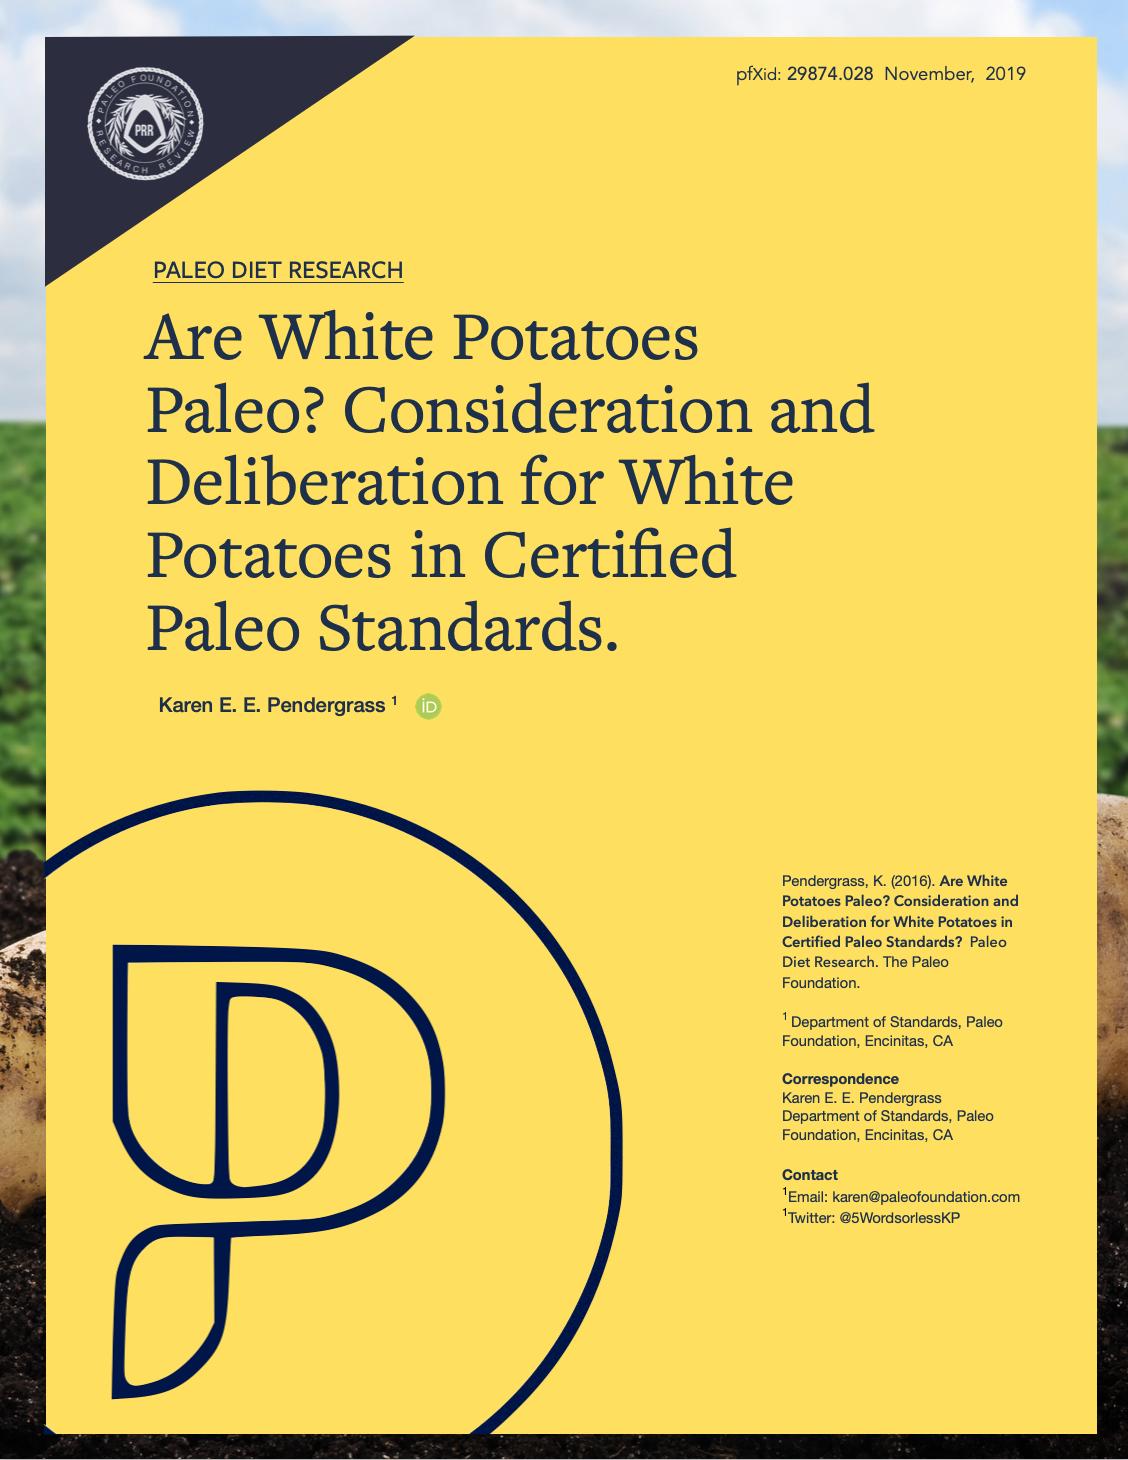 Are White Potatoes Paleo?